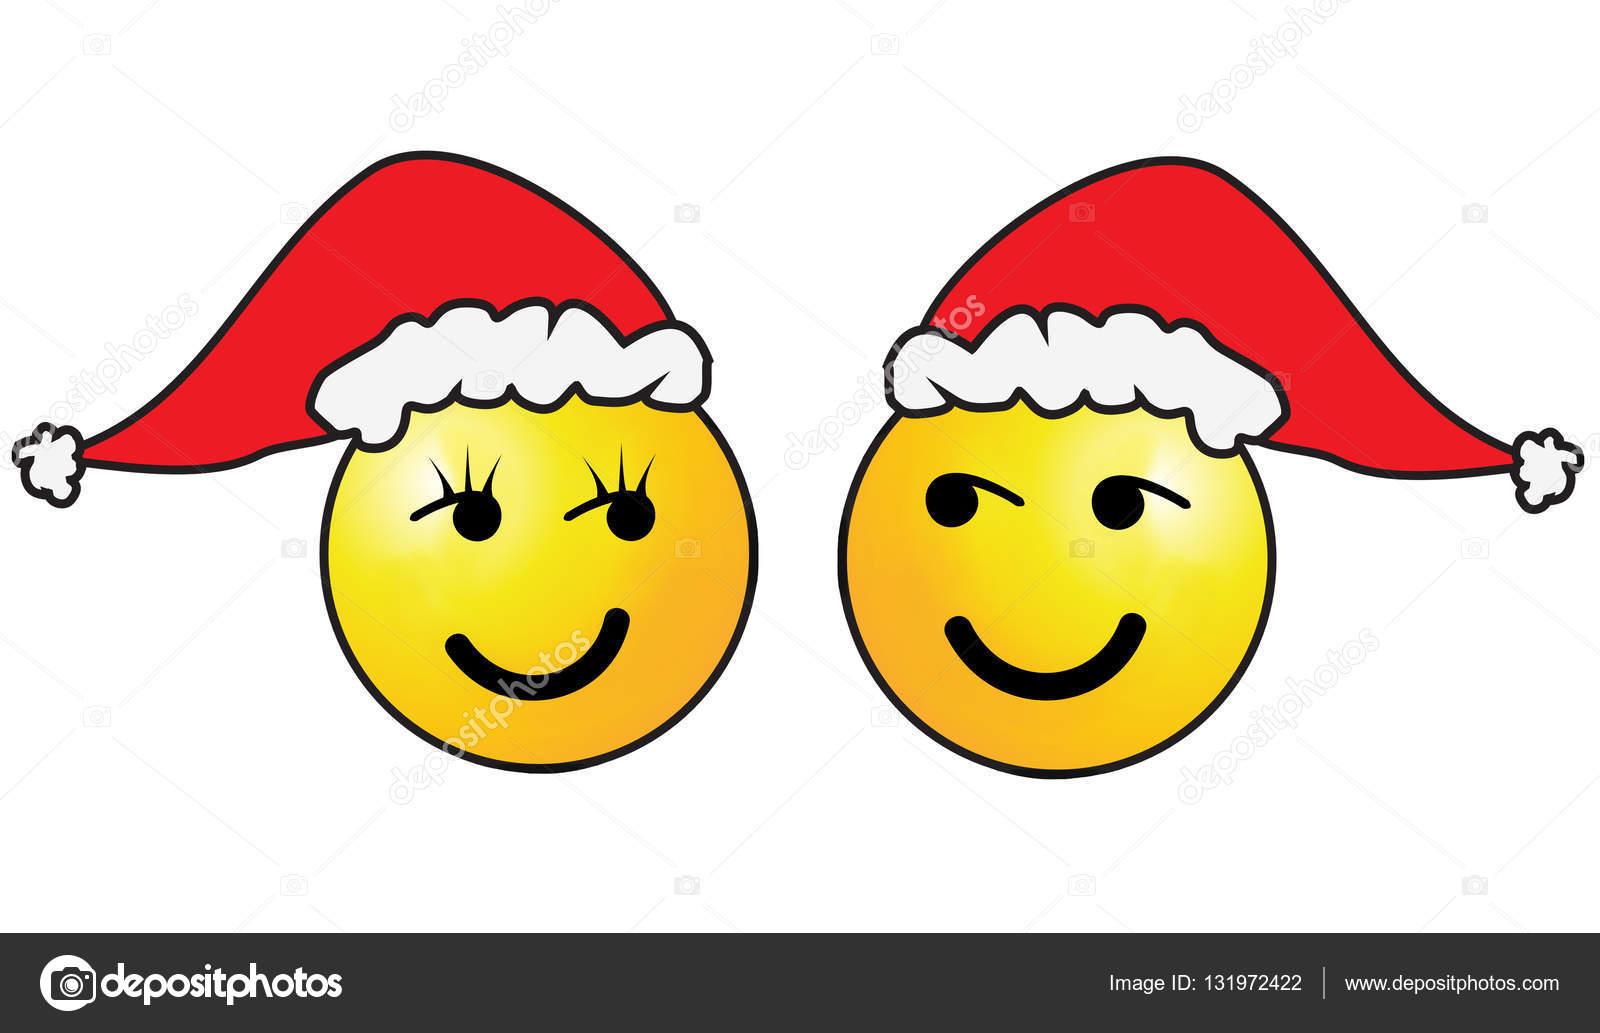 Weihnachten-Smiley-Gesicht — Stockfoto © hd-design #131972422